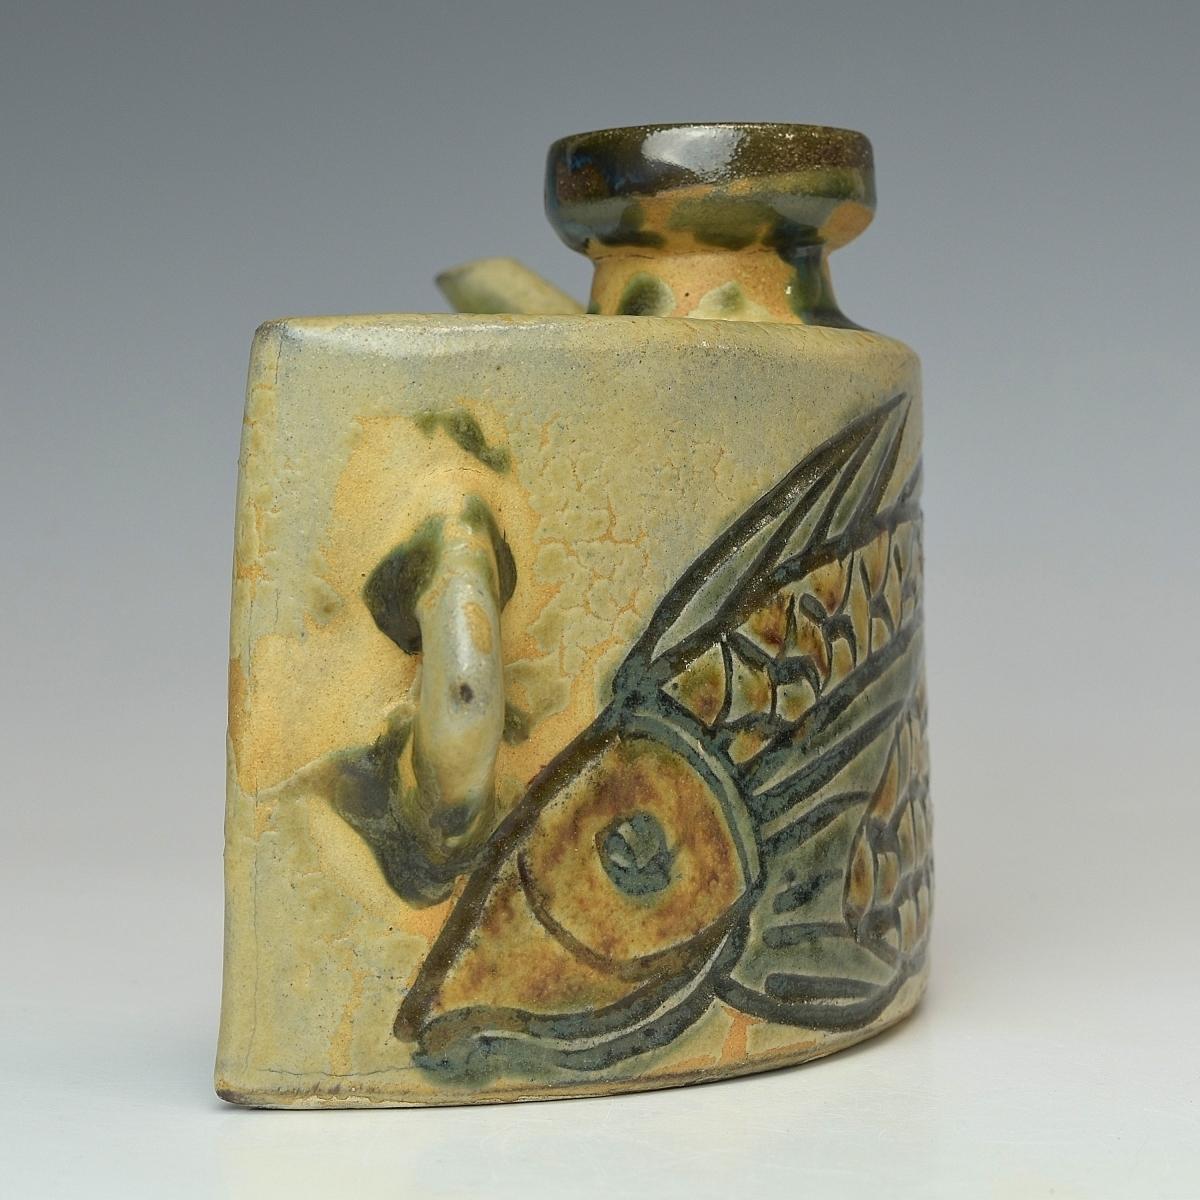 【趣楽】 人間国宝 金城次郎作 魚文抱瓶 酒器 本物保証 V1351_画像5